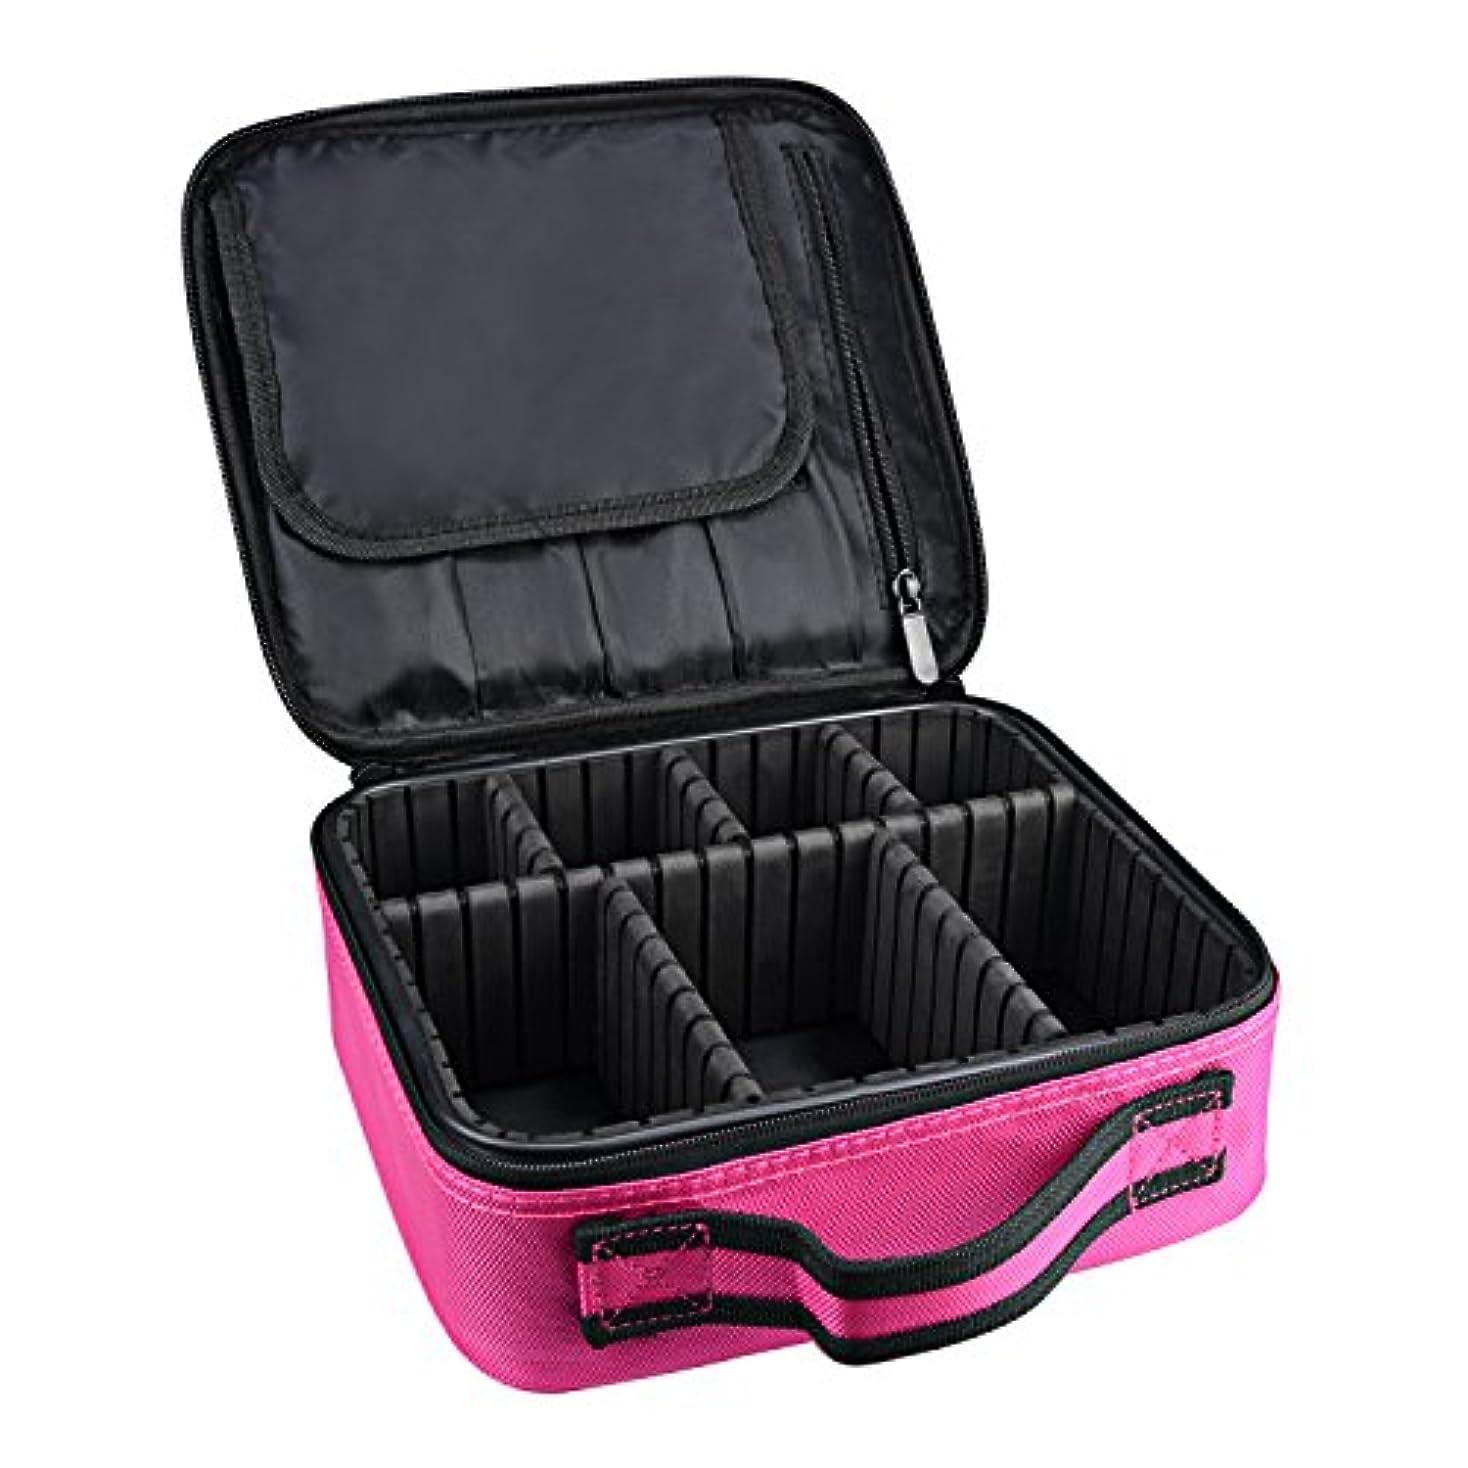 宿泊施設り岸ArcEnCiel メイクボックス プロ用 メイクブラシ 化粧道具 小物収納 コスメボックス